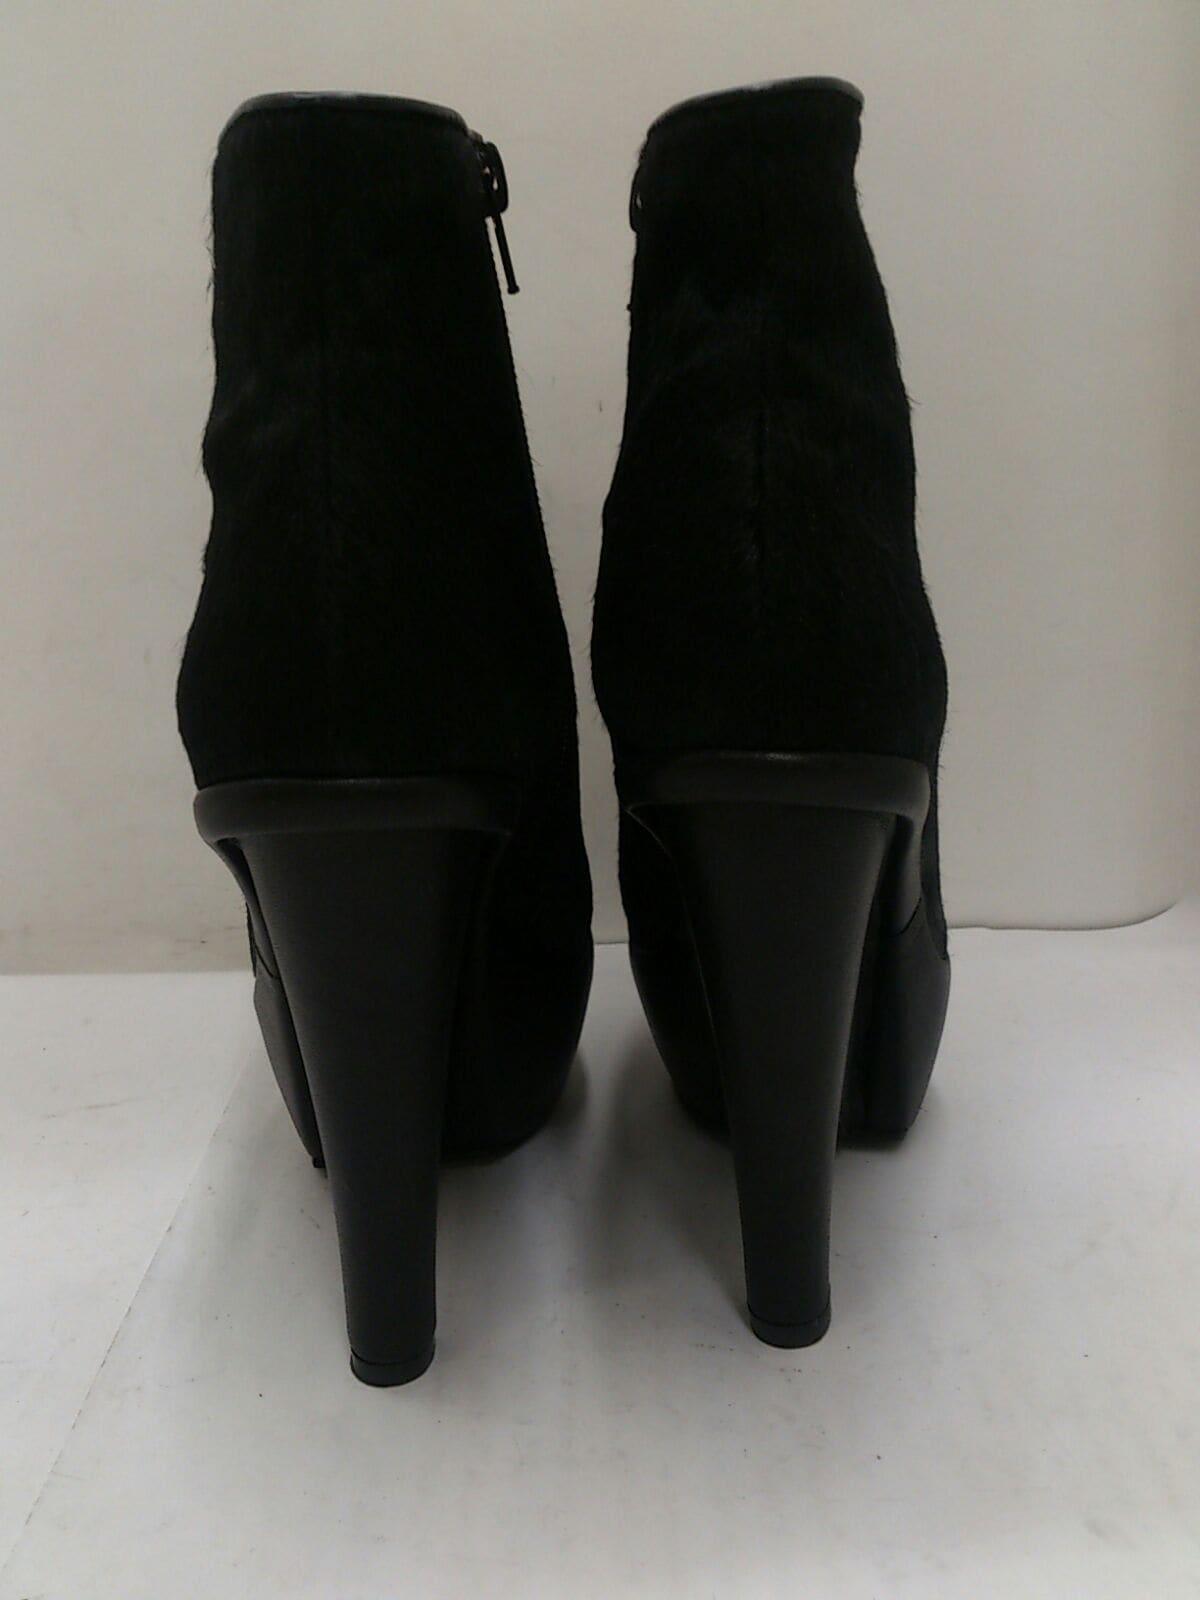 LE CIEL BLEU(ルシェルブルー)のブーツ